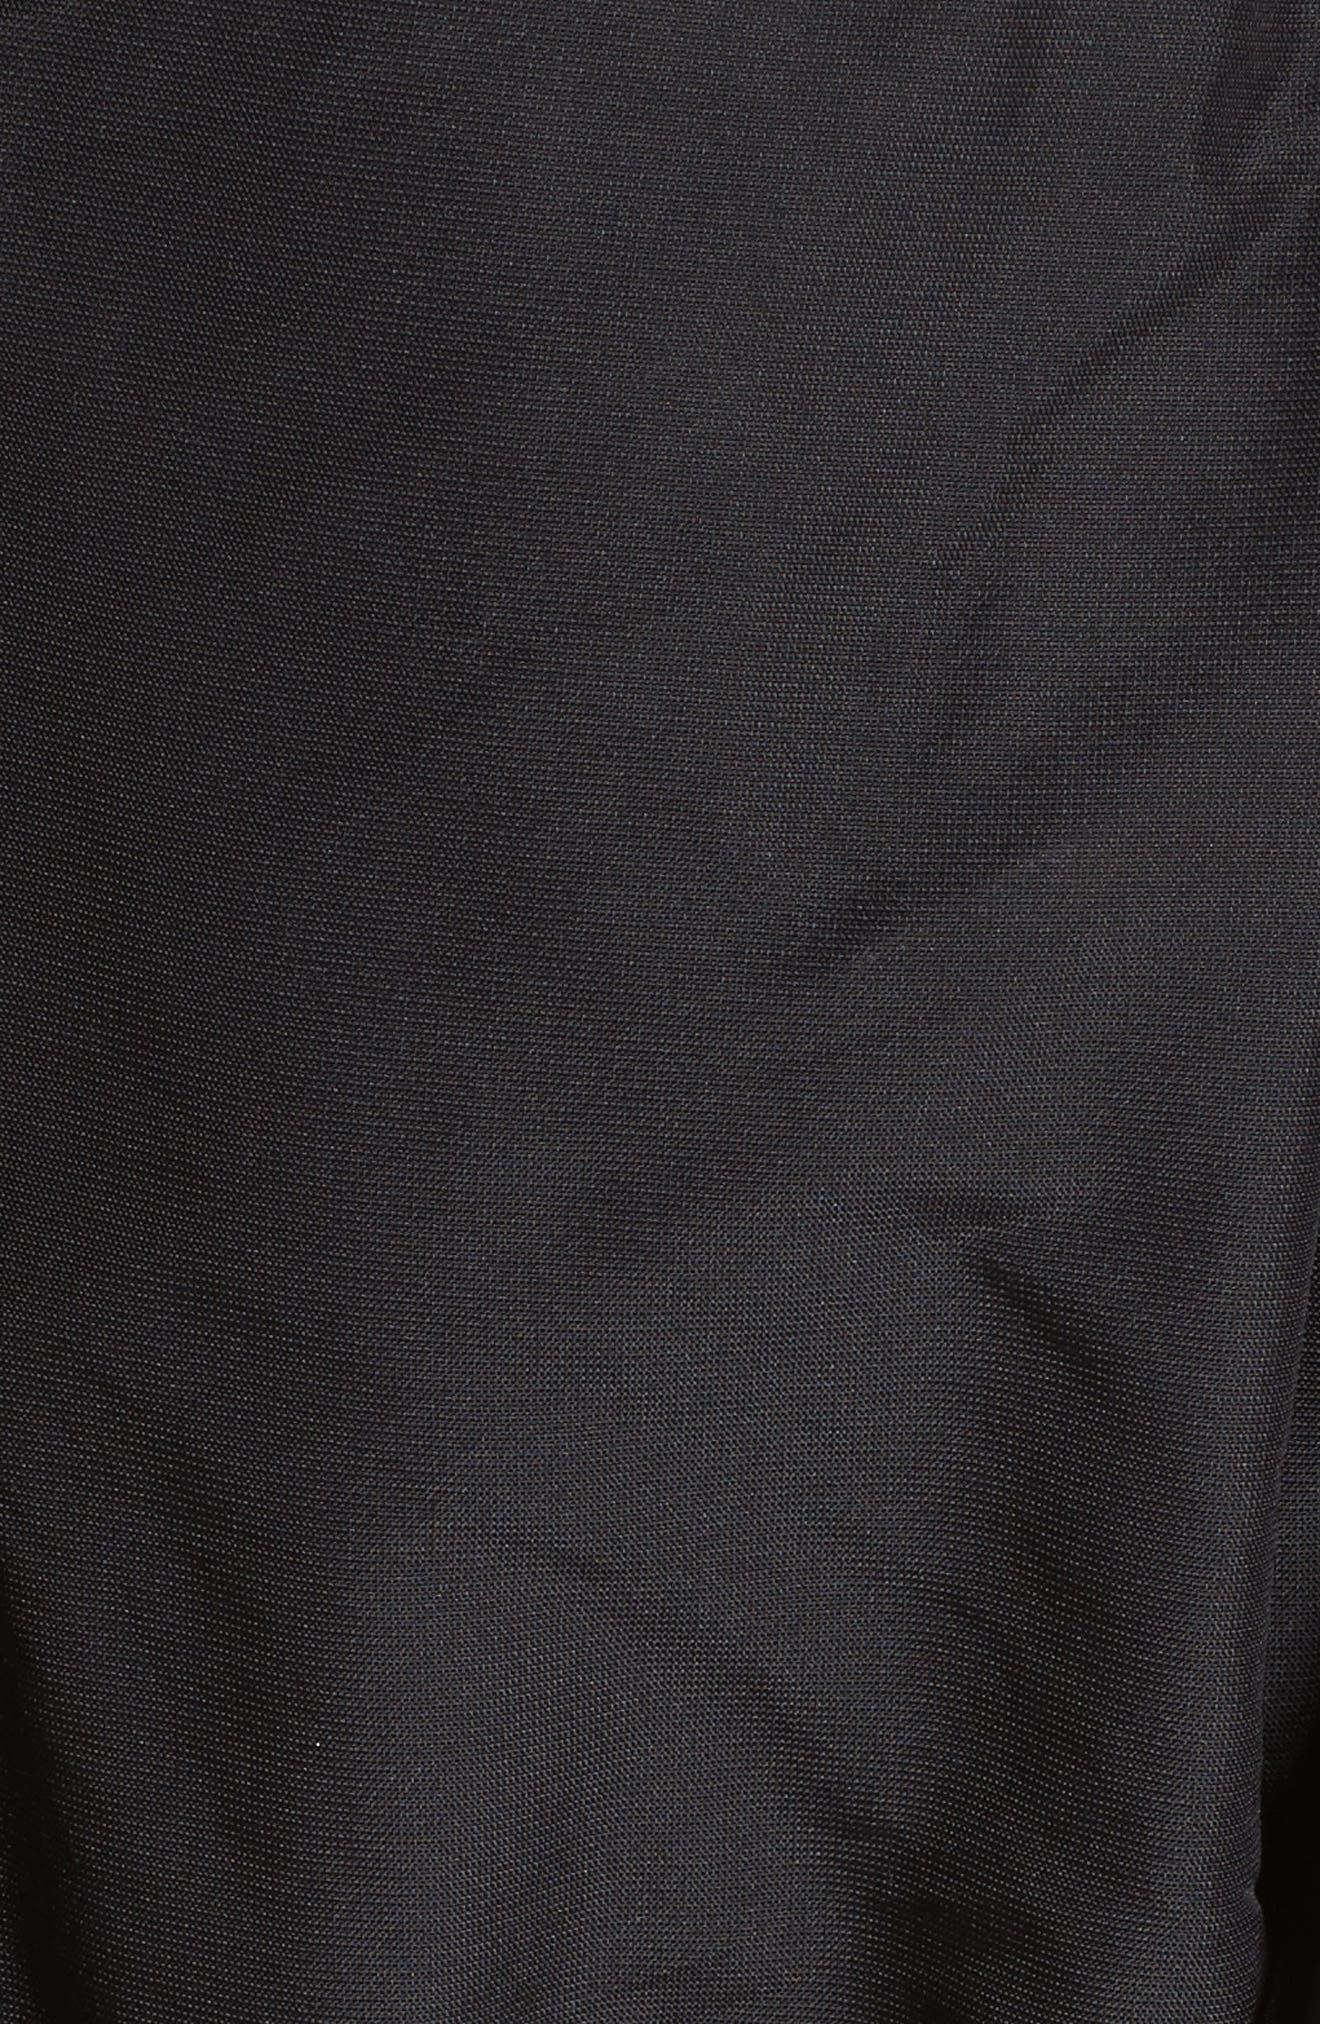 Cold Shoulder Drawstring Dress,                             Alternate thumbnail 5, color,                             001